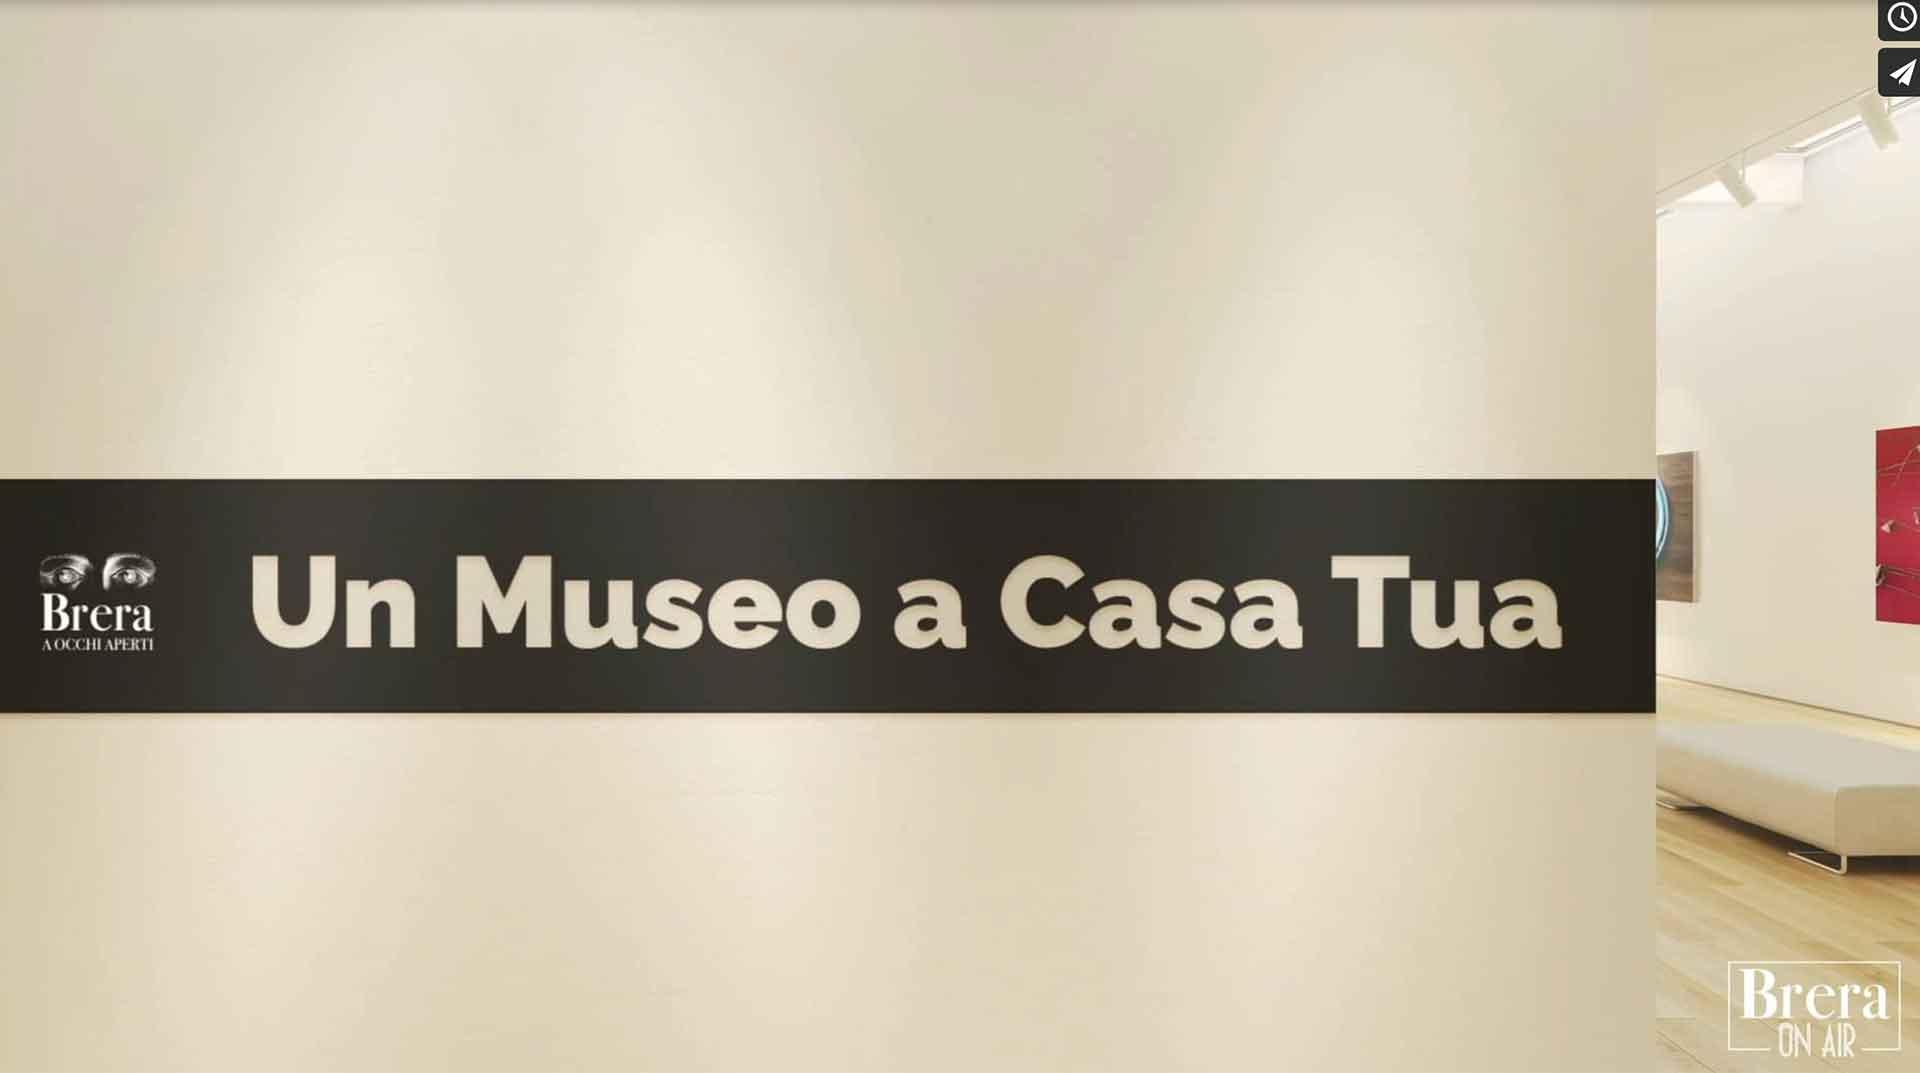 Un Museo a Casa Tua